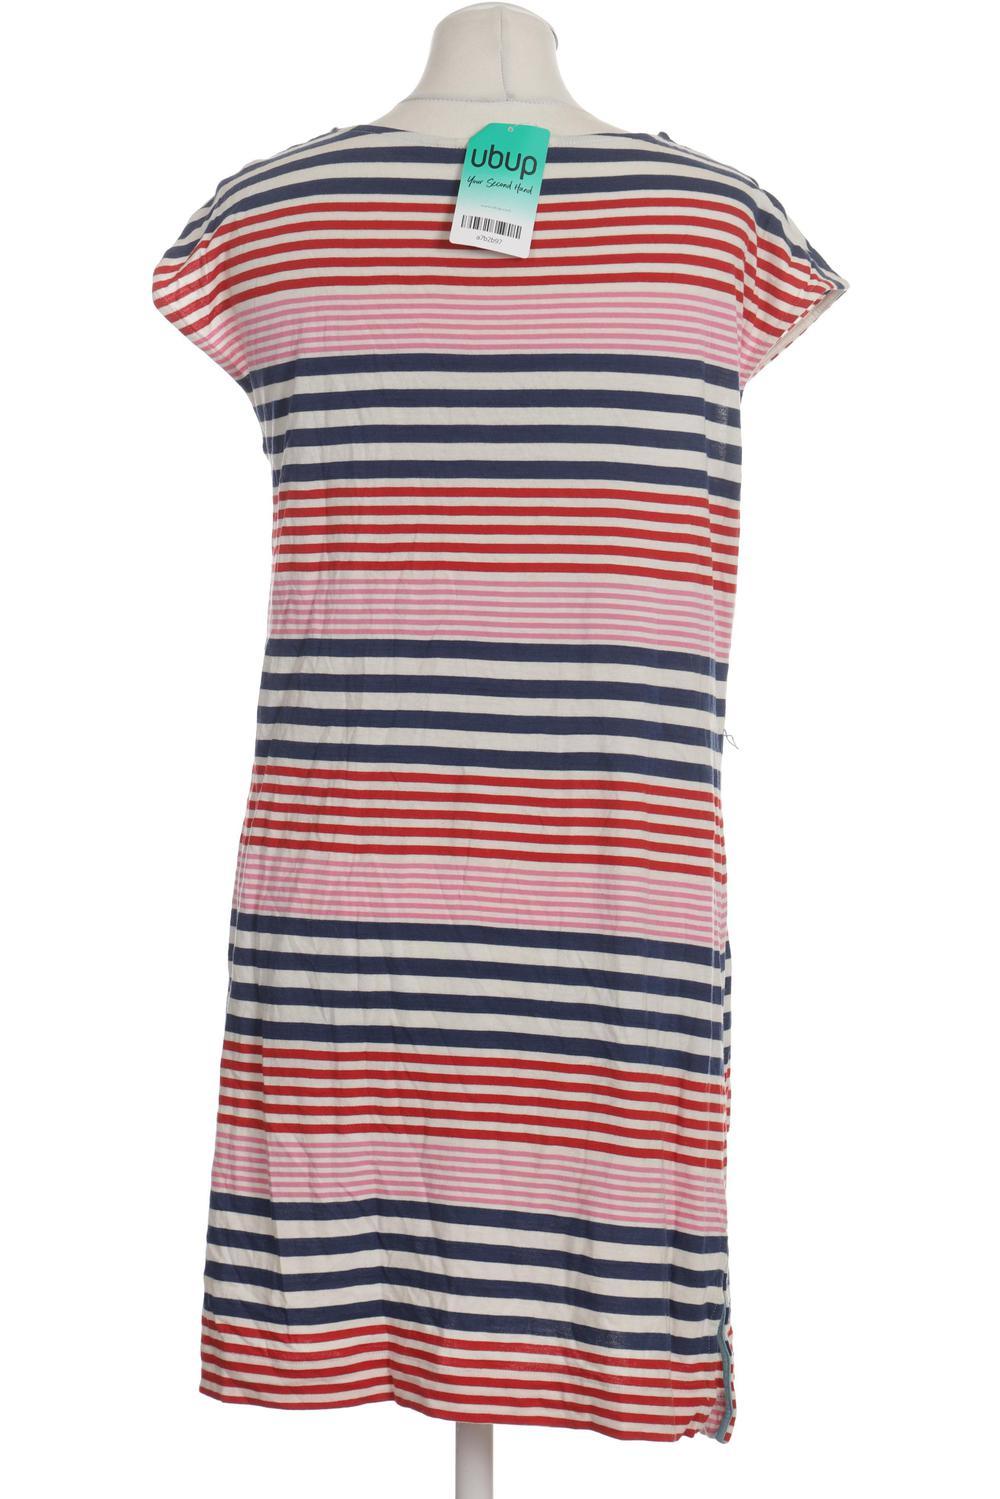 Boden Damen Kleid INT M Second Hand kaufen  ubup